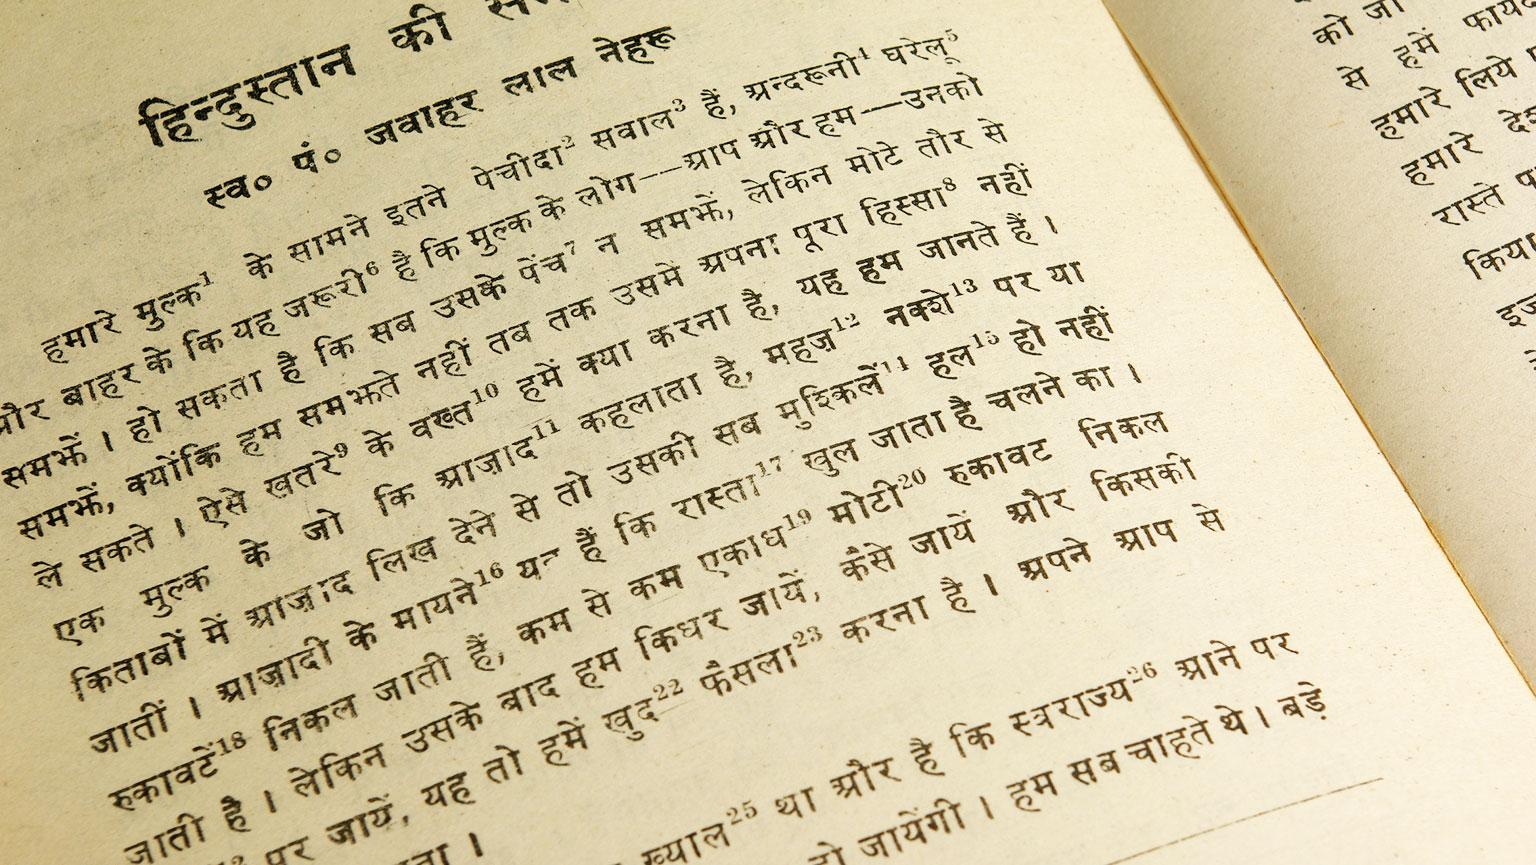 Государственный язык хинди